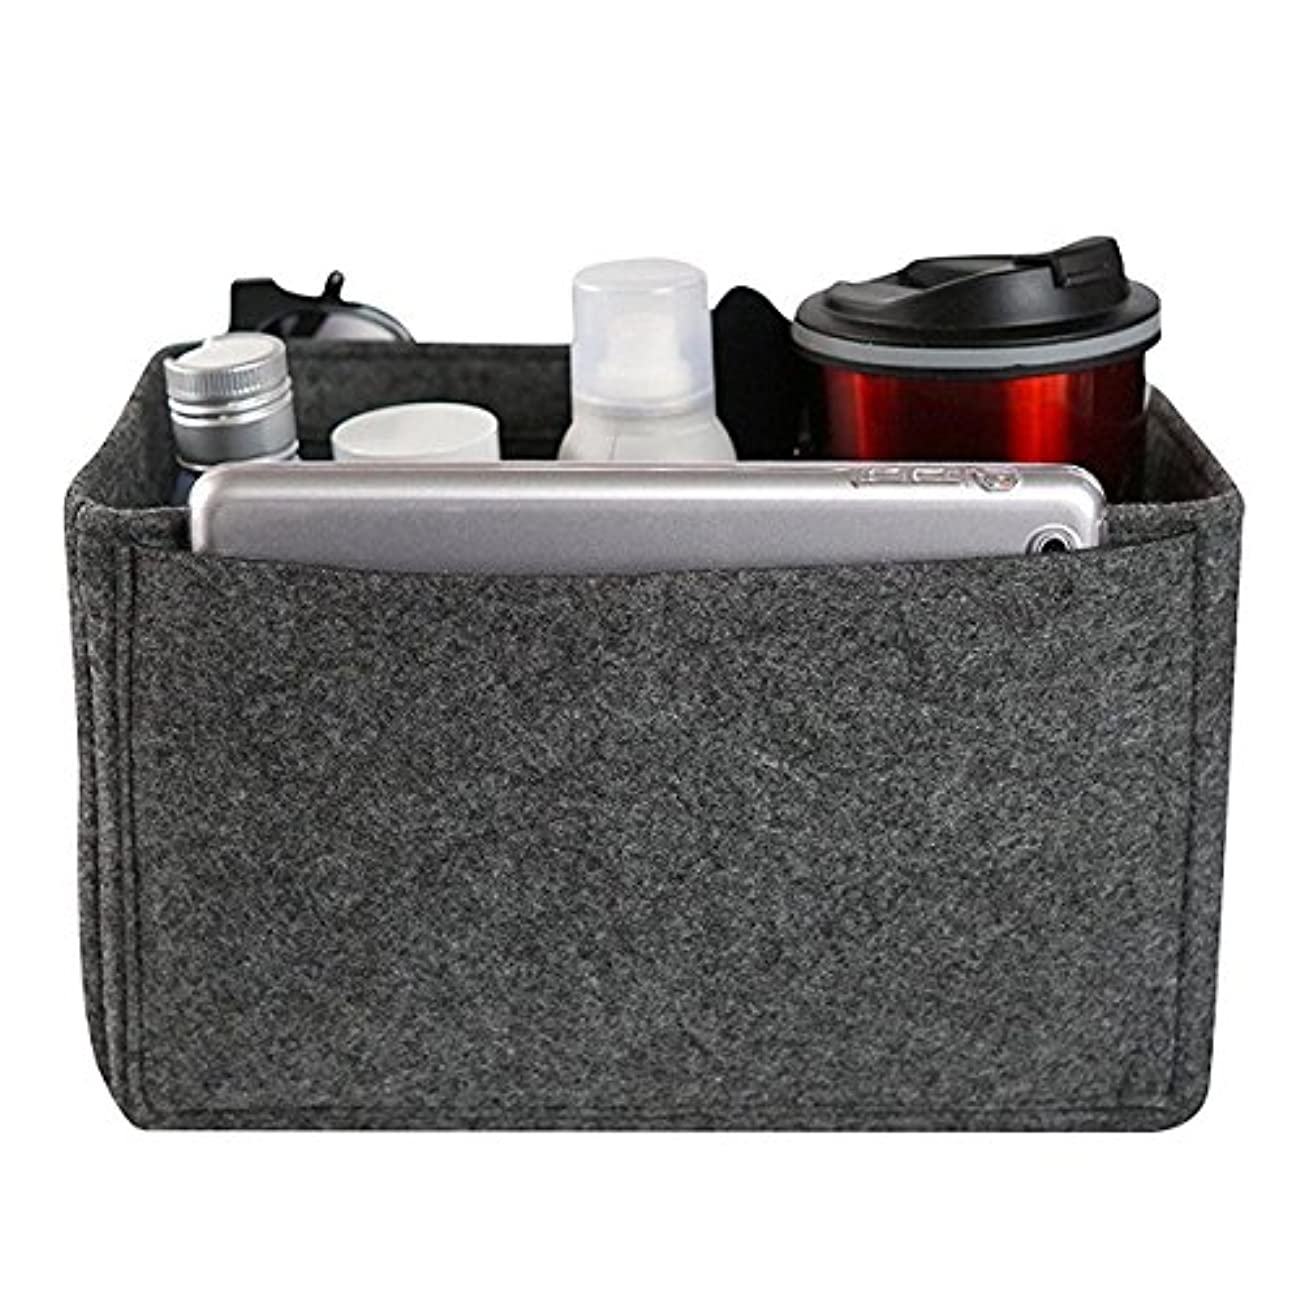 ゴミ箱を空にする捕虜見習いYZUEYT フェルトインサートバッグマルチポケット化粧品ハンドバッグ財布オーガナイザーホルダーメイクアップトラベルジッパー YZUEYT (Color : Color dark gray, Size : XL)